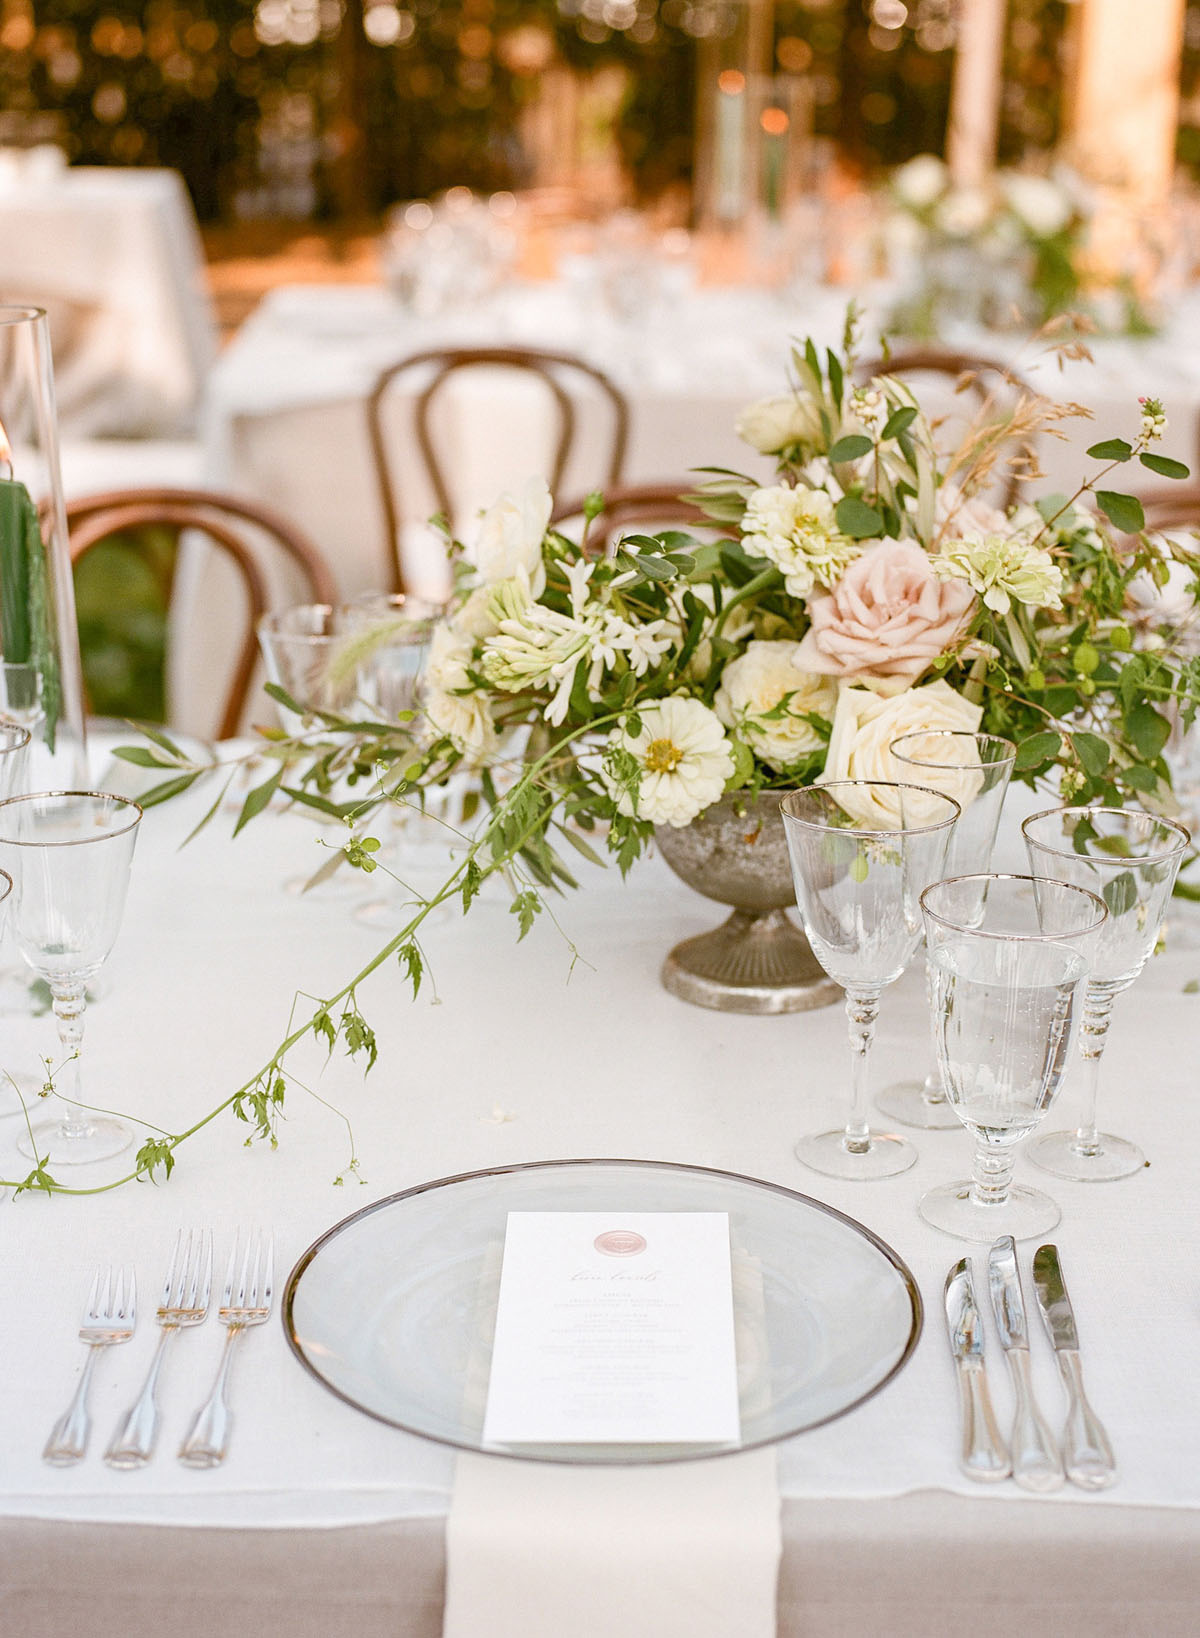 39-elegant-simple-alison-events-design.jpg